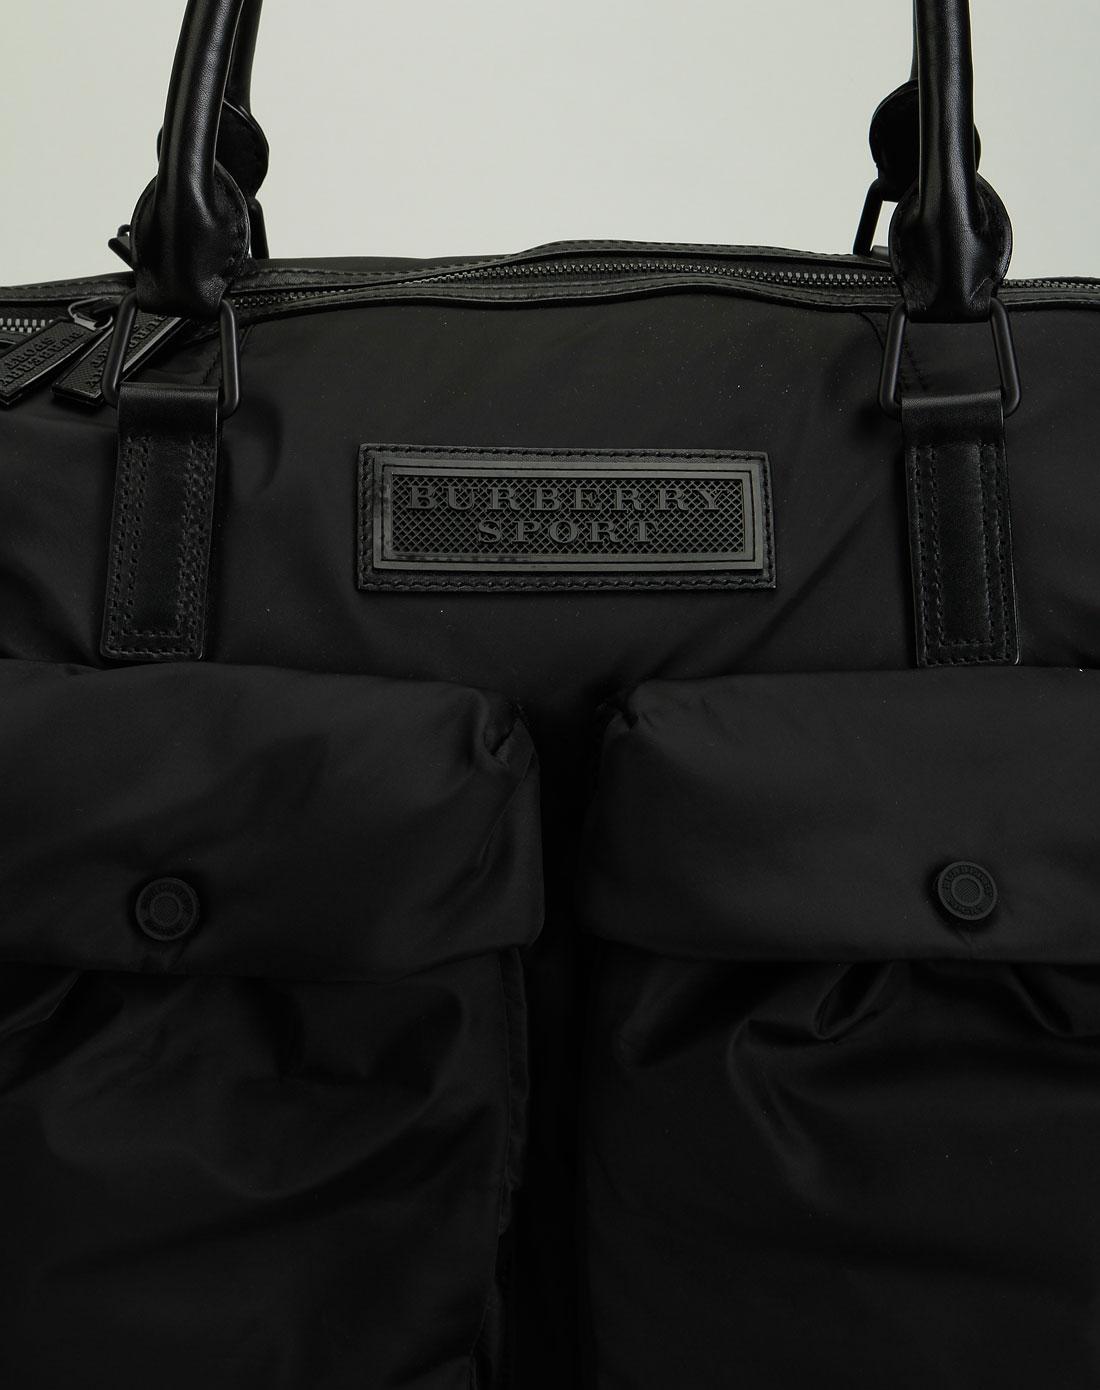 burberry中性黑色实用手提/斜跨两用包04